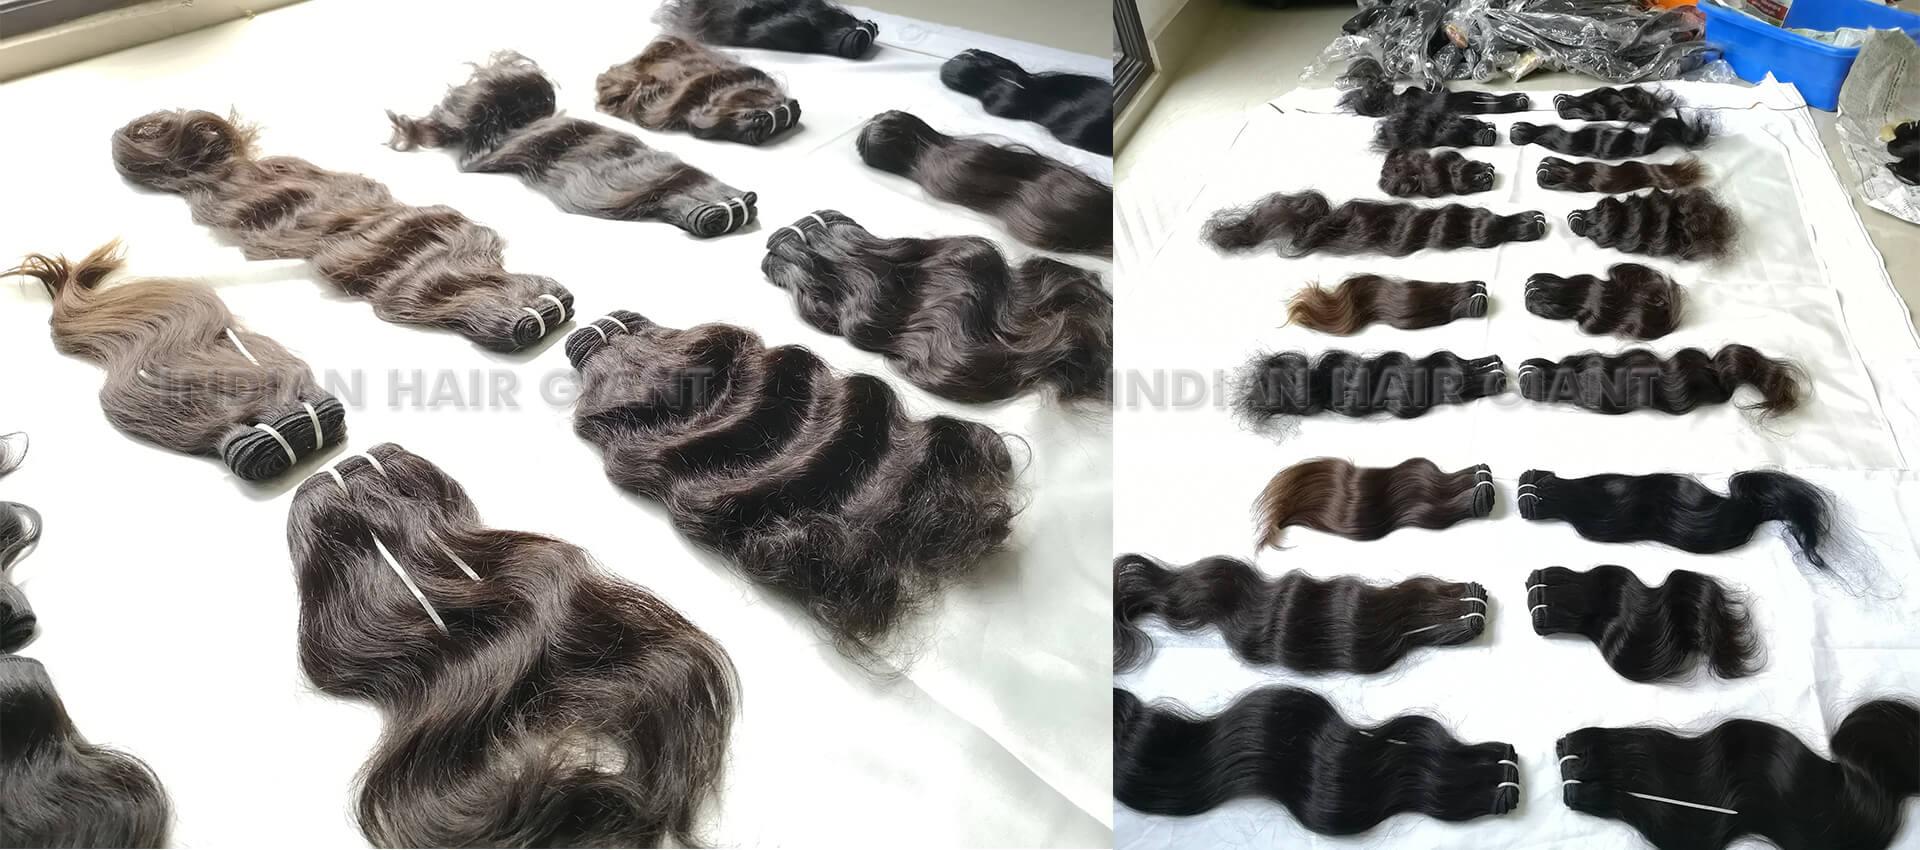 Hair distributors